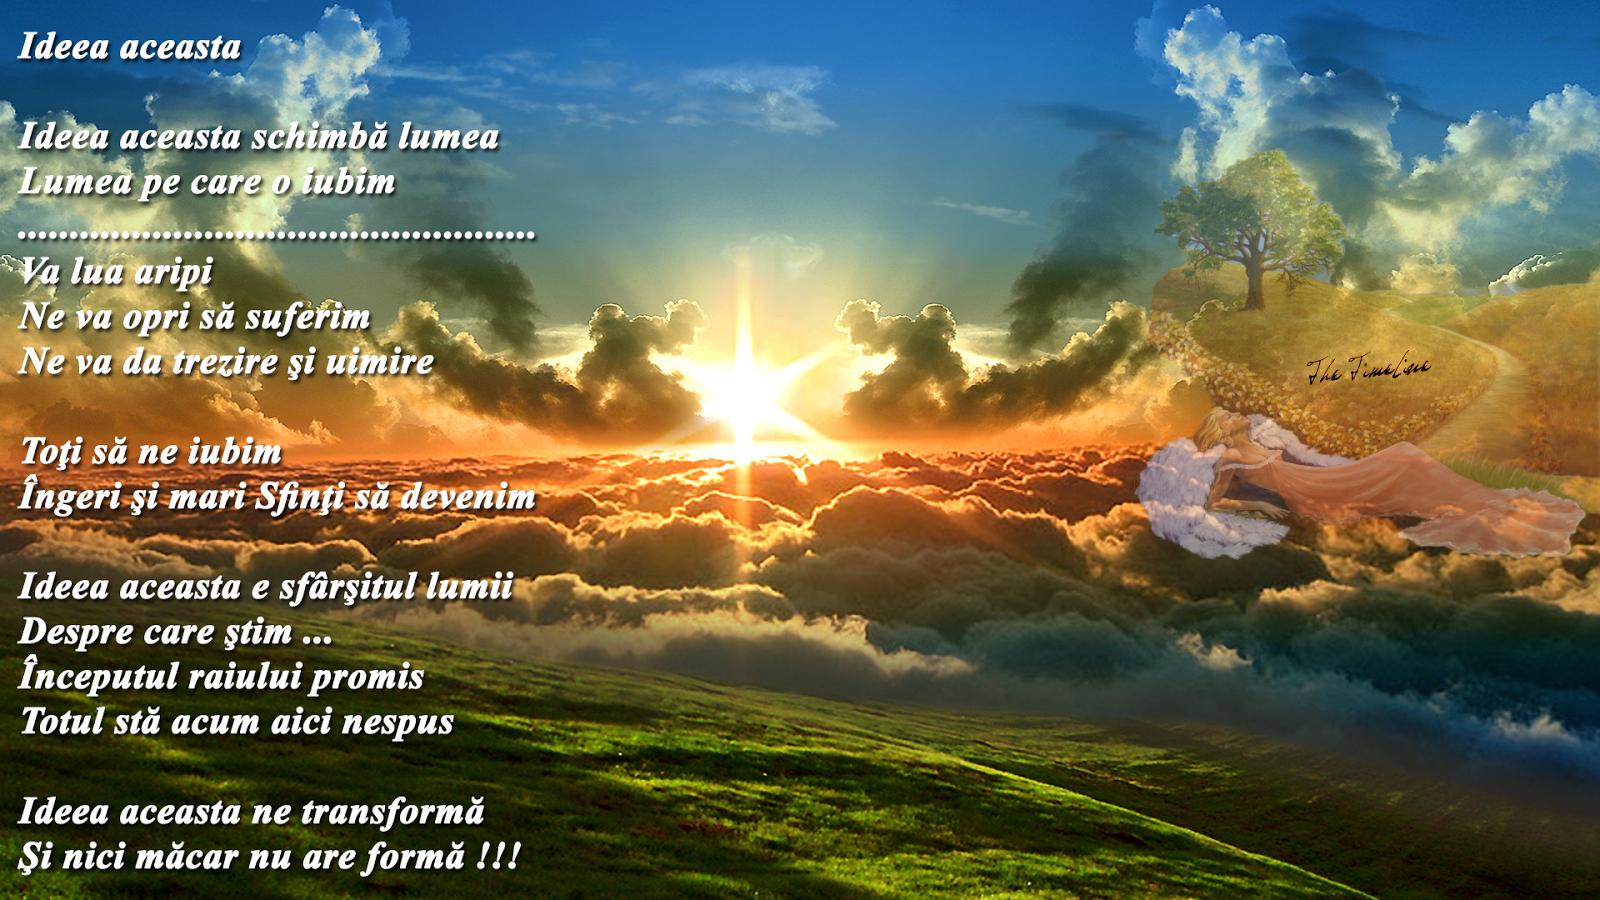 ideea aceasta schimbare pace iubire devenire rai pe pamant Maria Teodorescu Bahnareanu Wrinkles on my Timeline